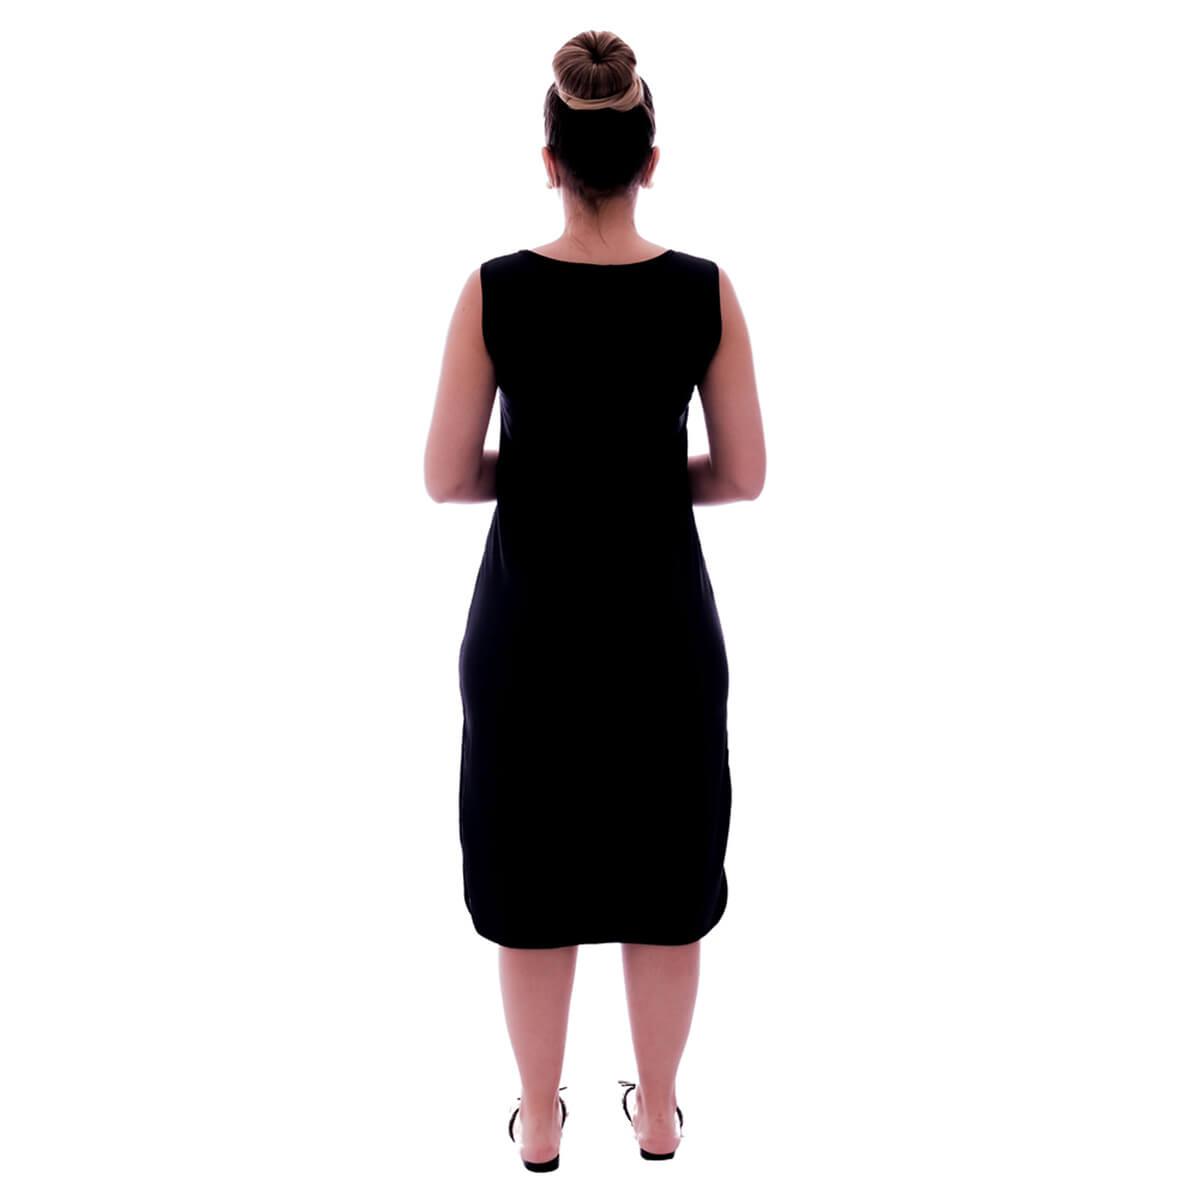 Camisola Feminina Preta Longuete de Alça com Viés Preto